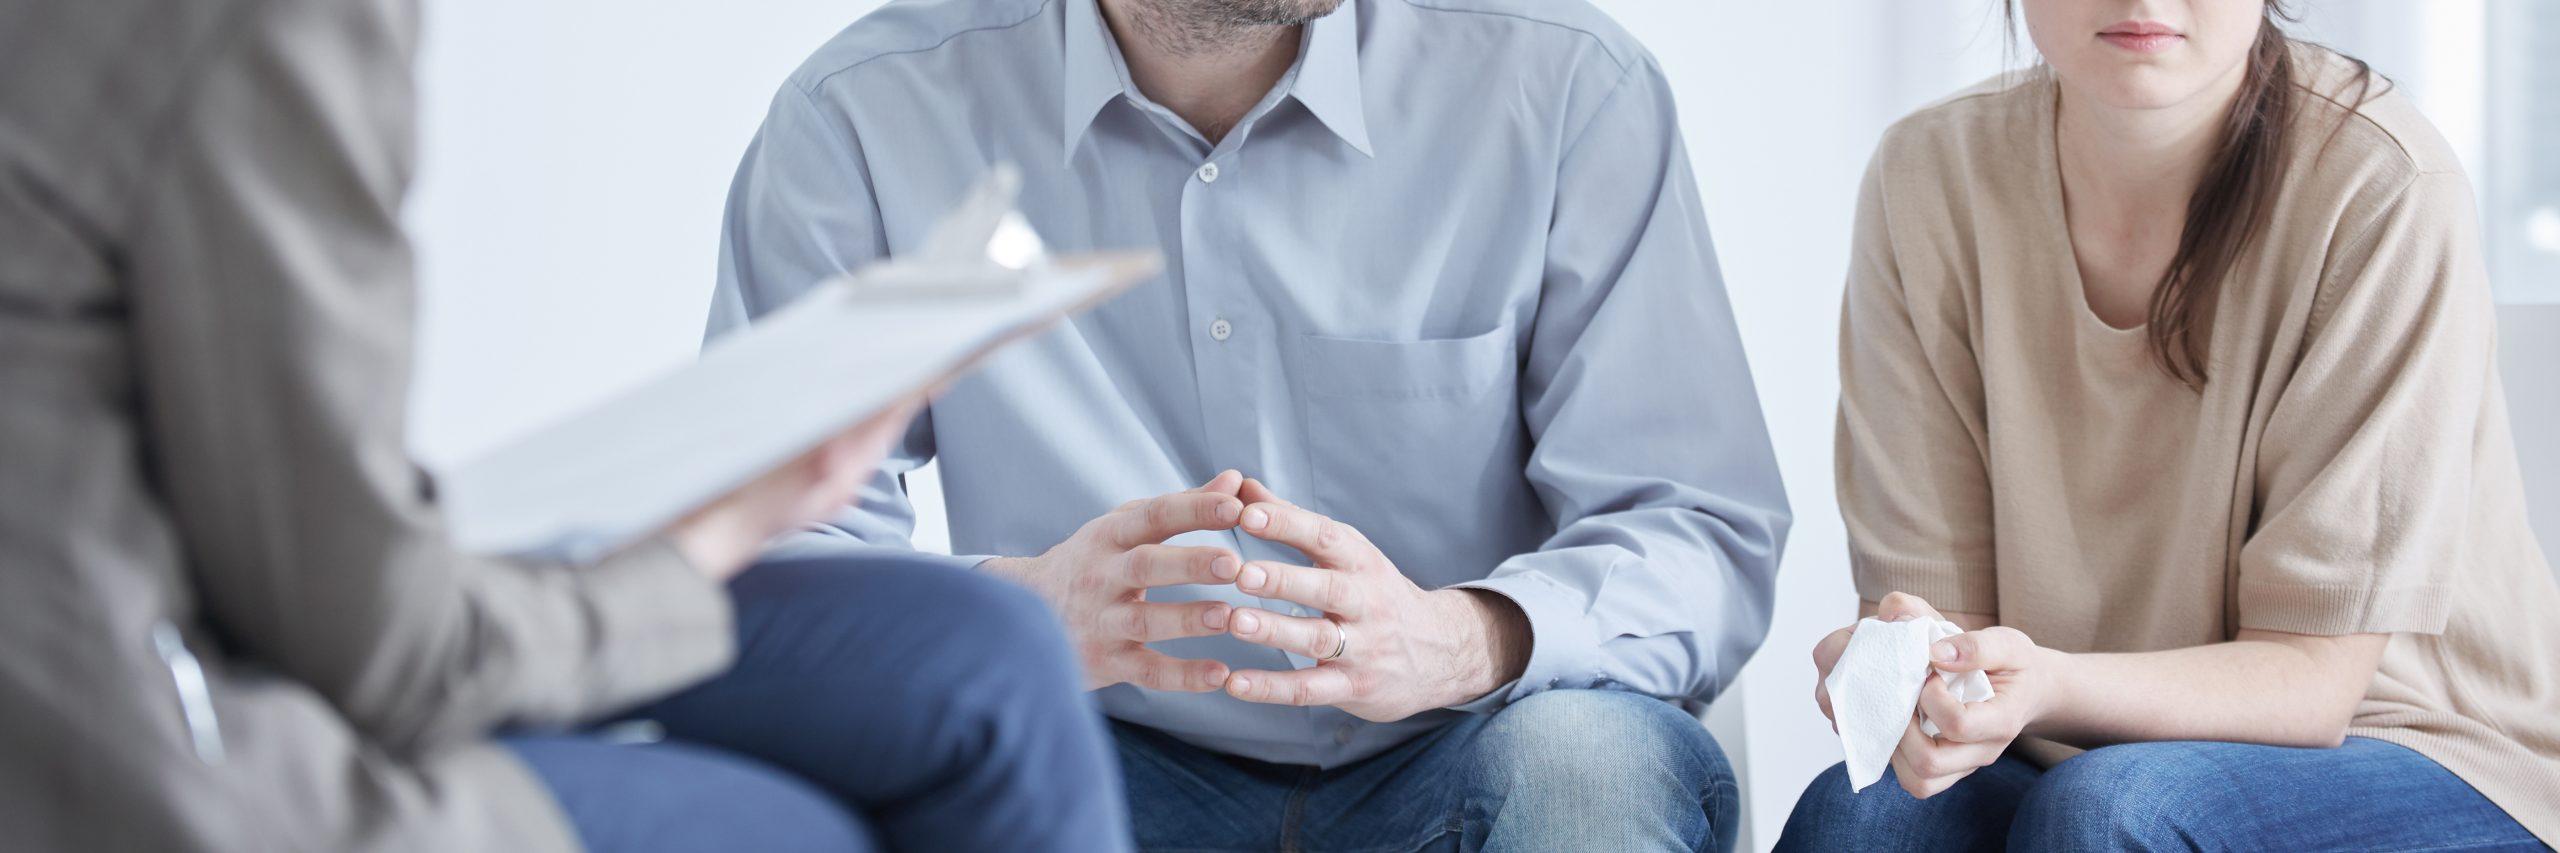 Echtscheiding aanvragen met een mediator